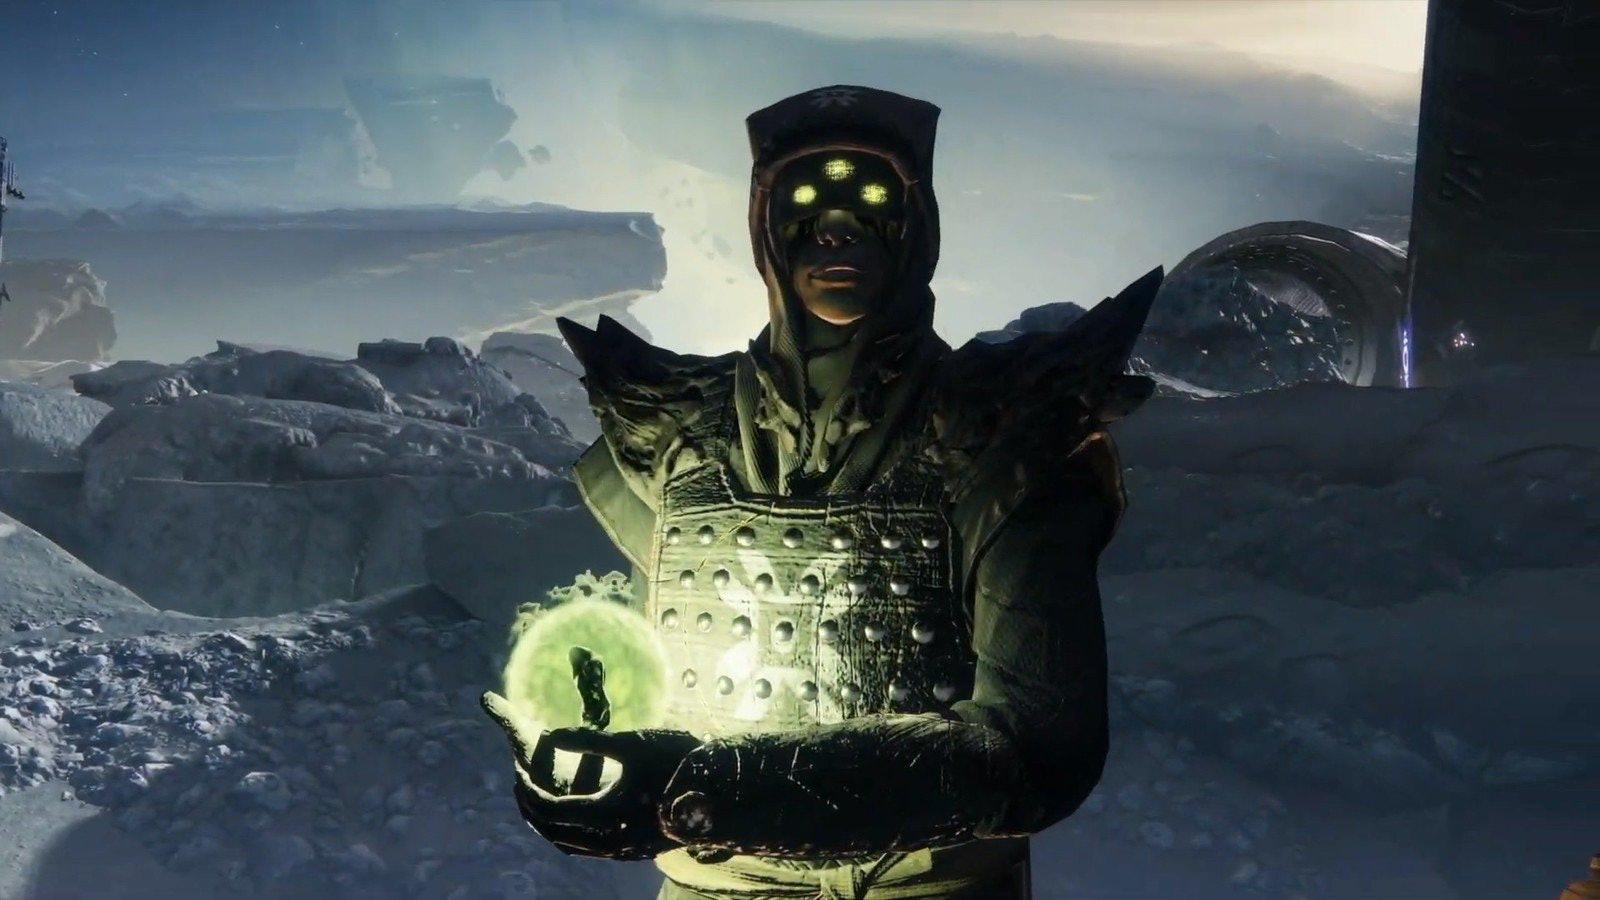 Destiny 2 shadowkeep eris morn